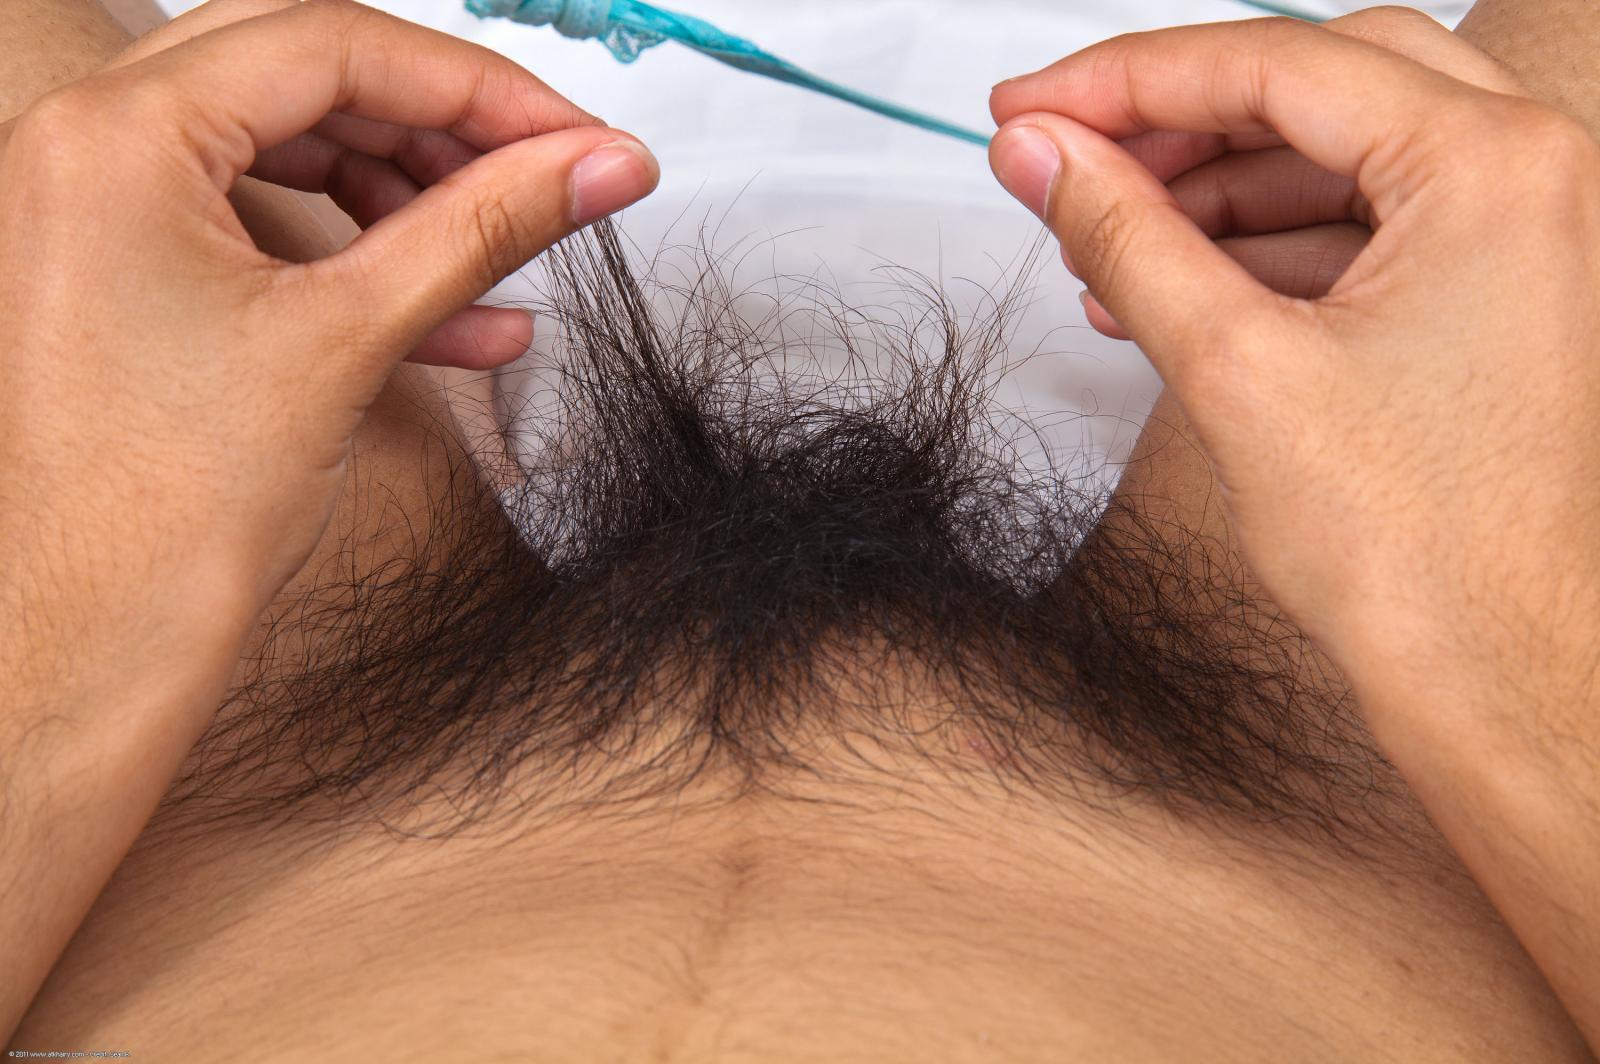 Фото пробиваются волосики, Волосы торчат из под купальника Случайное фото 18 фотография